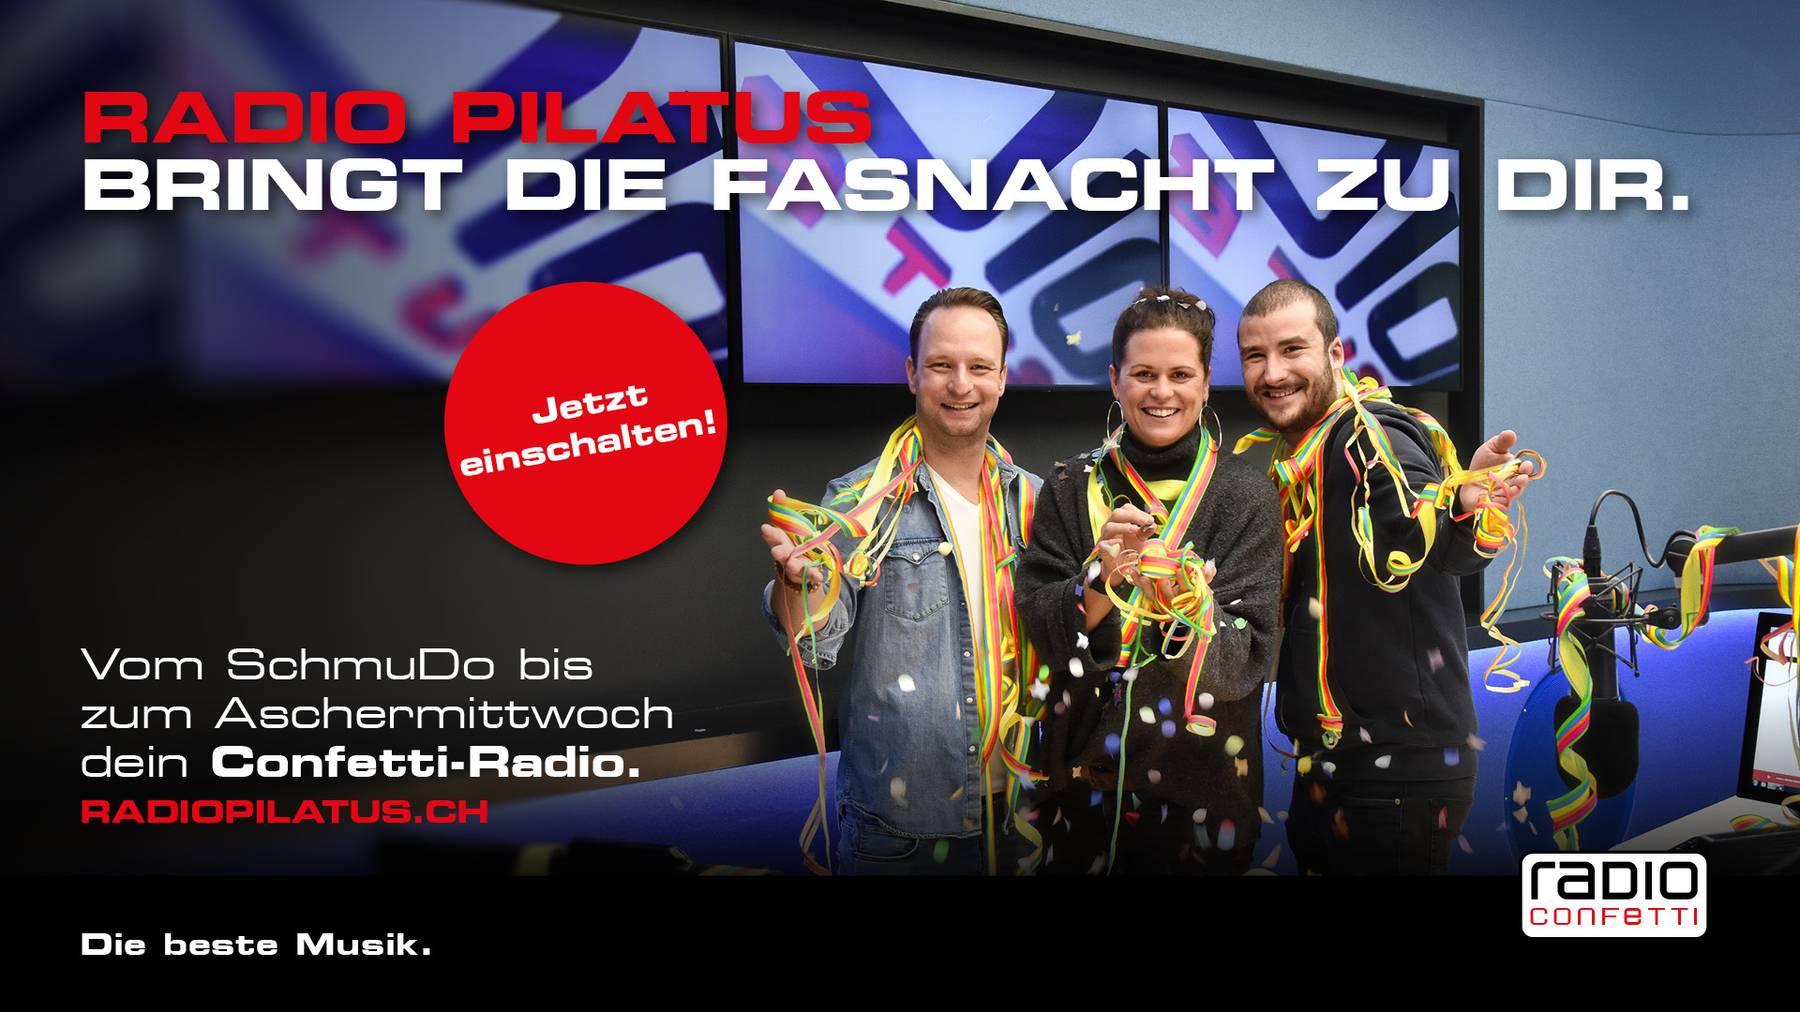 Radio Pilatus, dein Confetti Radio